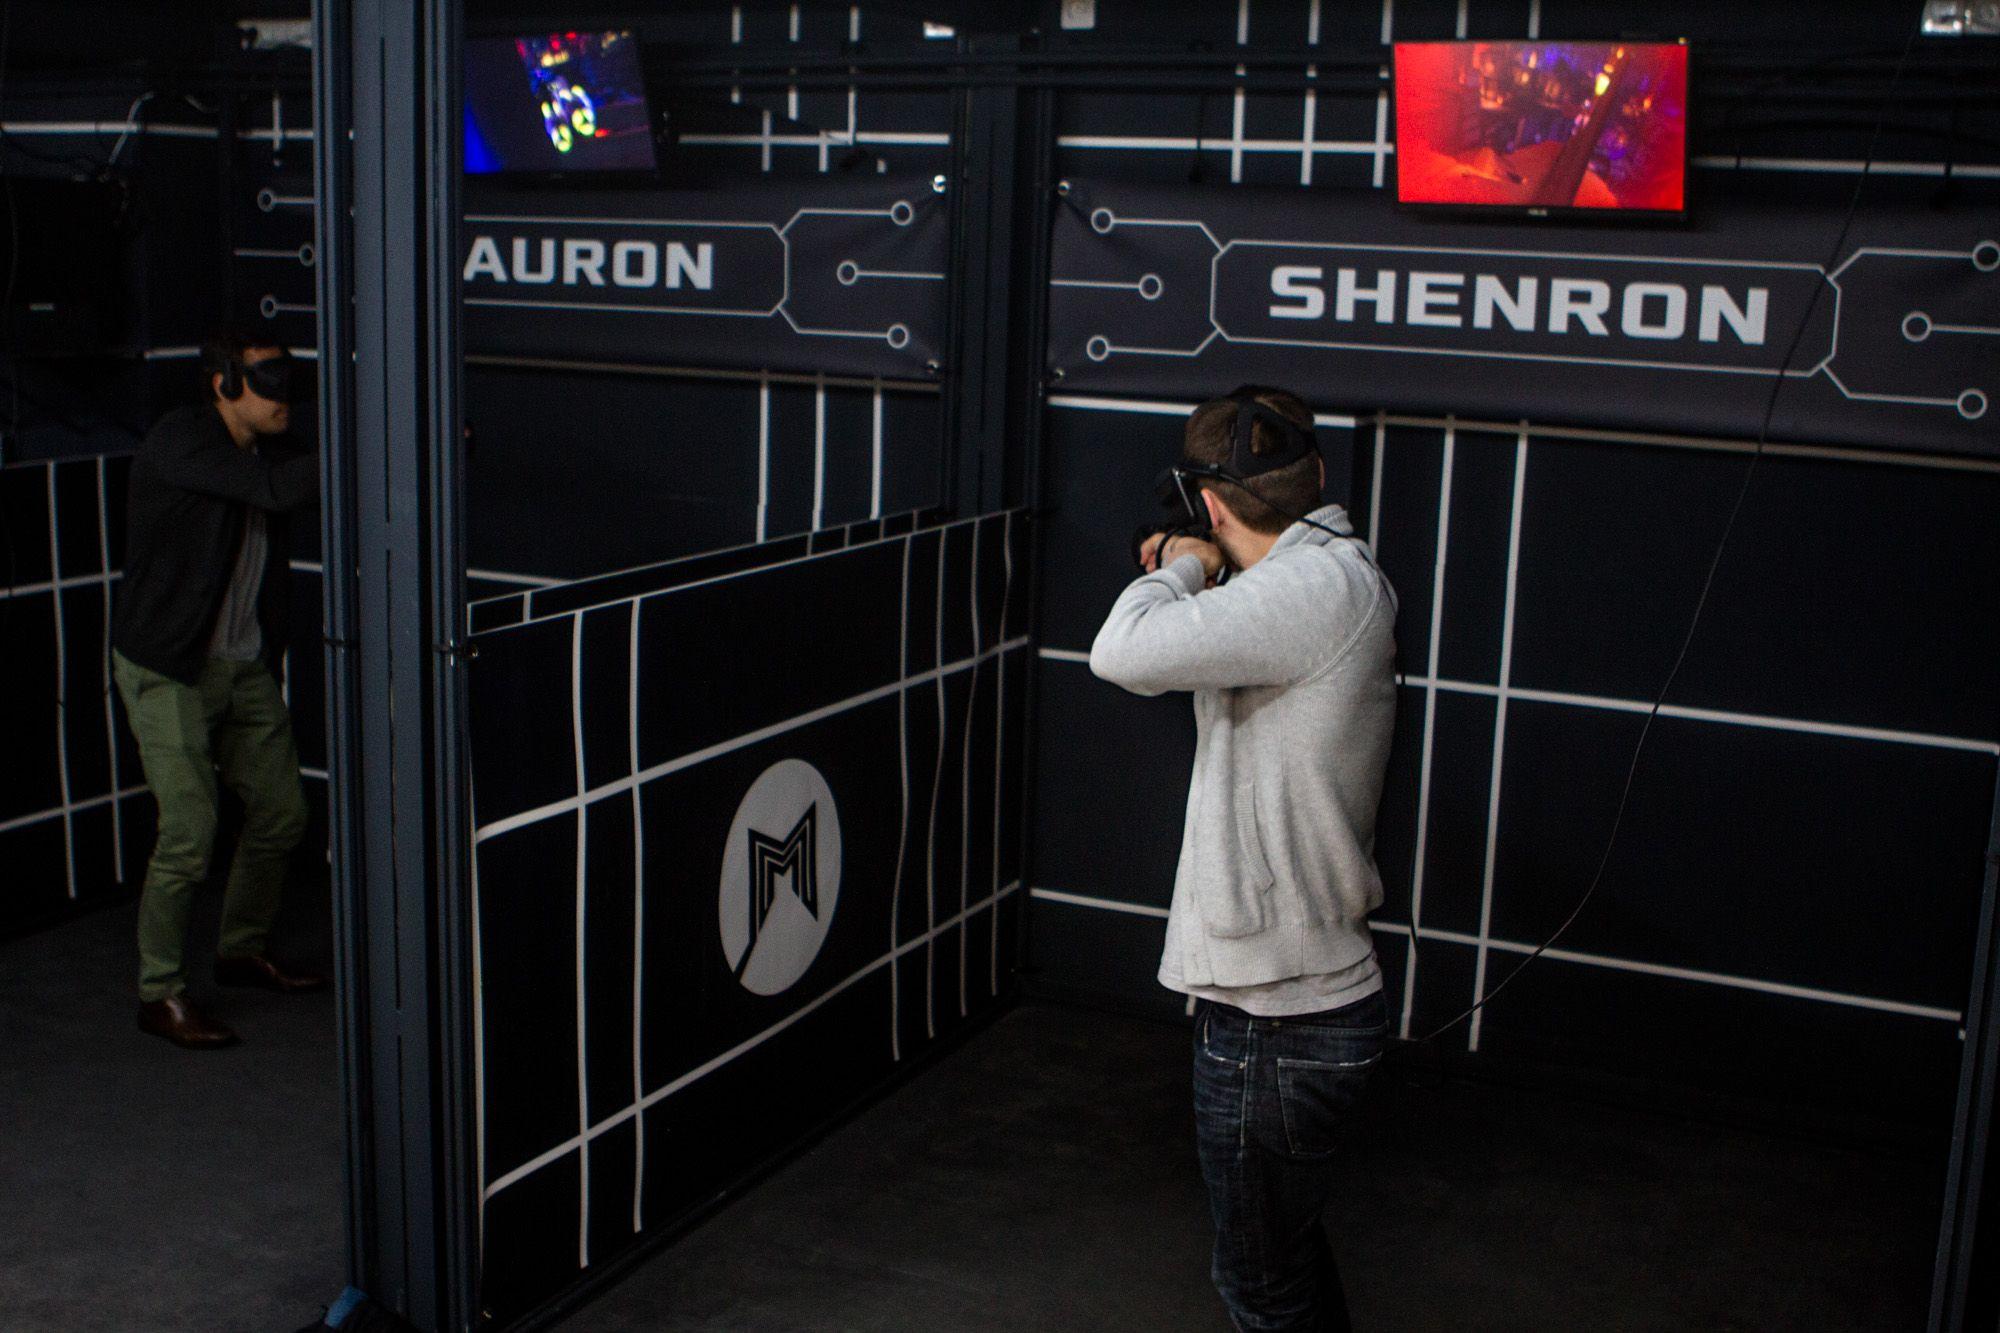 réalistes jeux virtuels de rencontres sites de rencontre de base